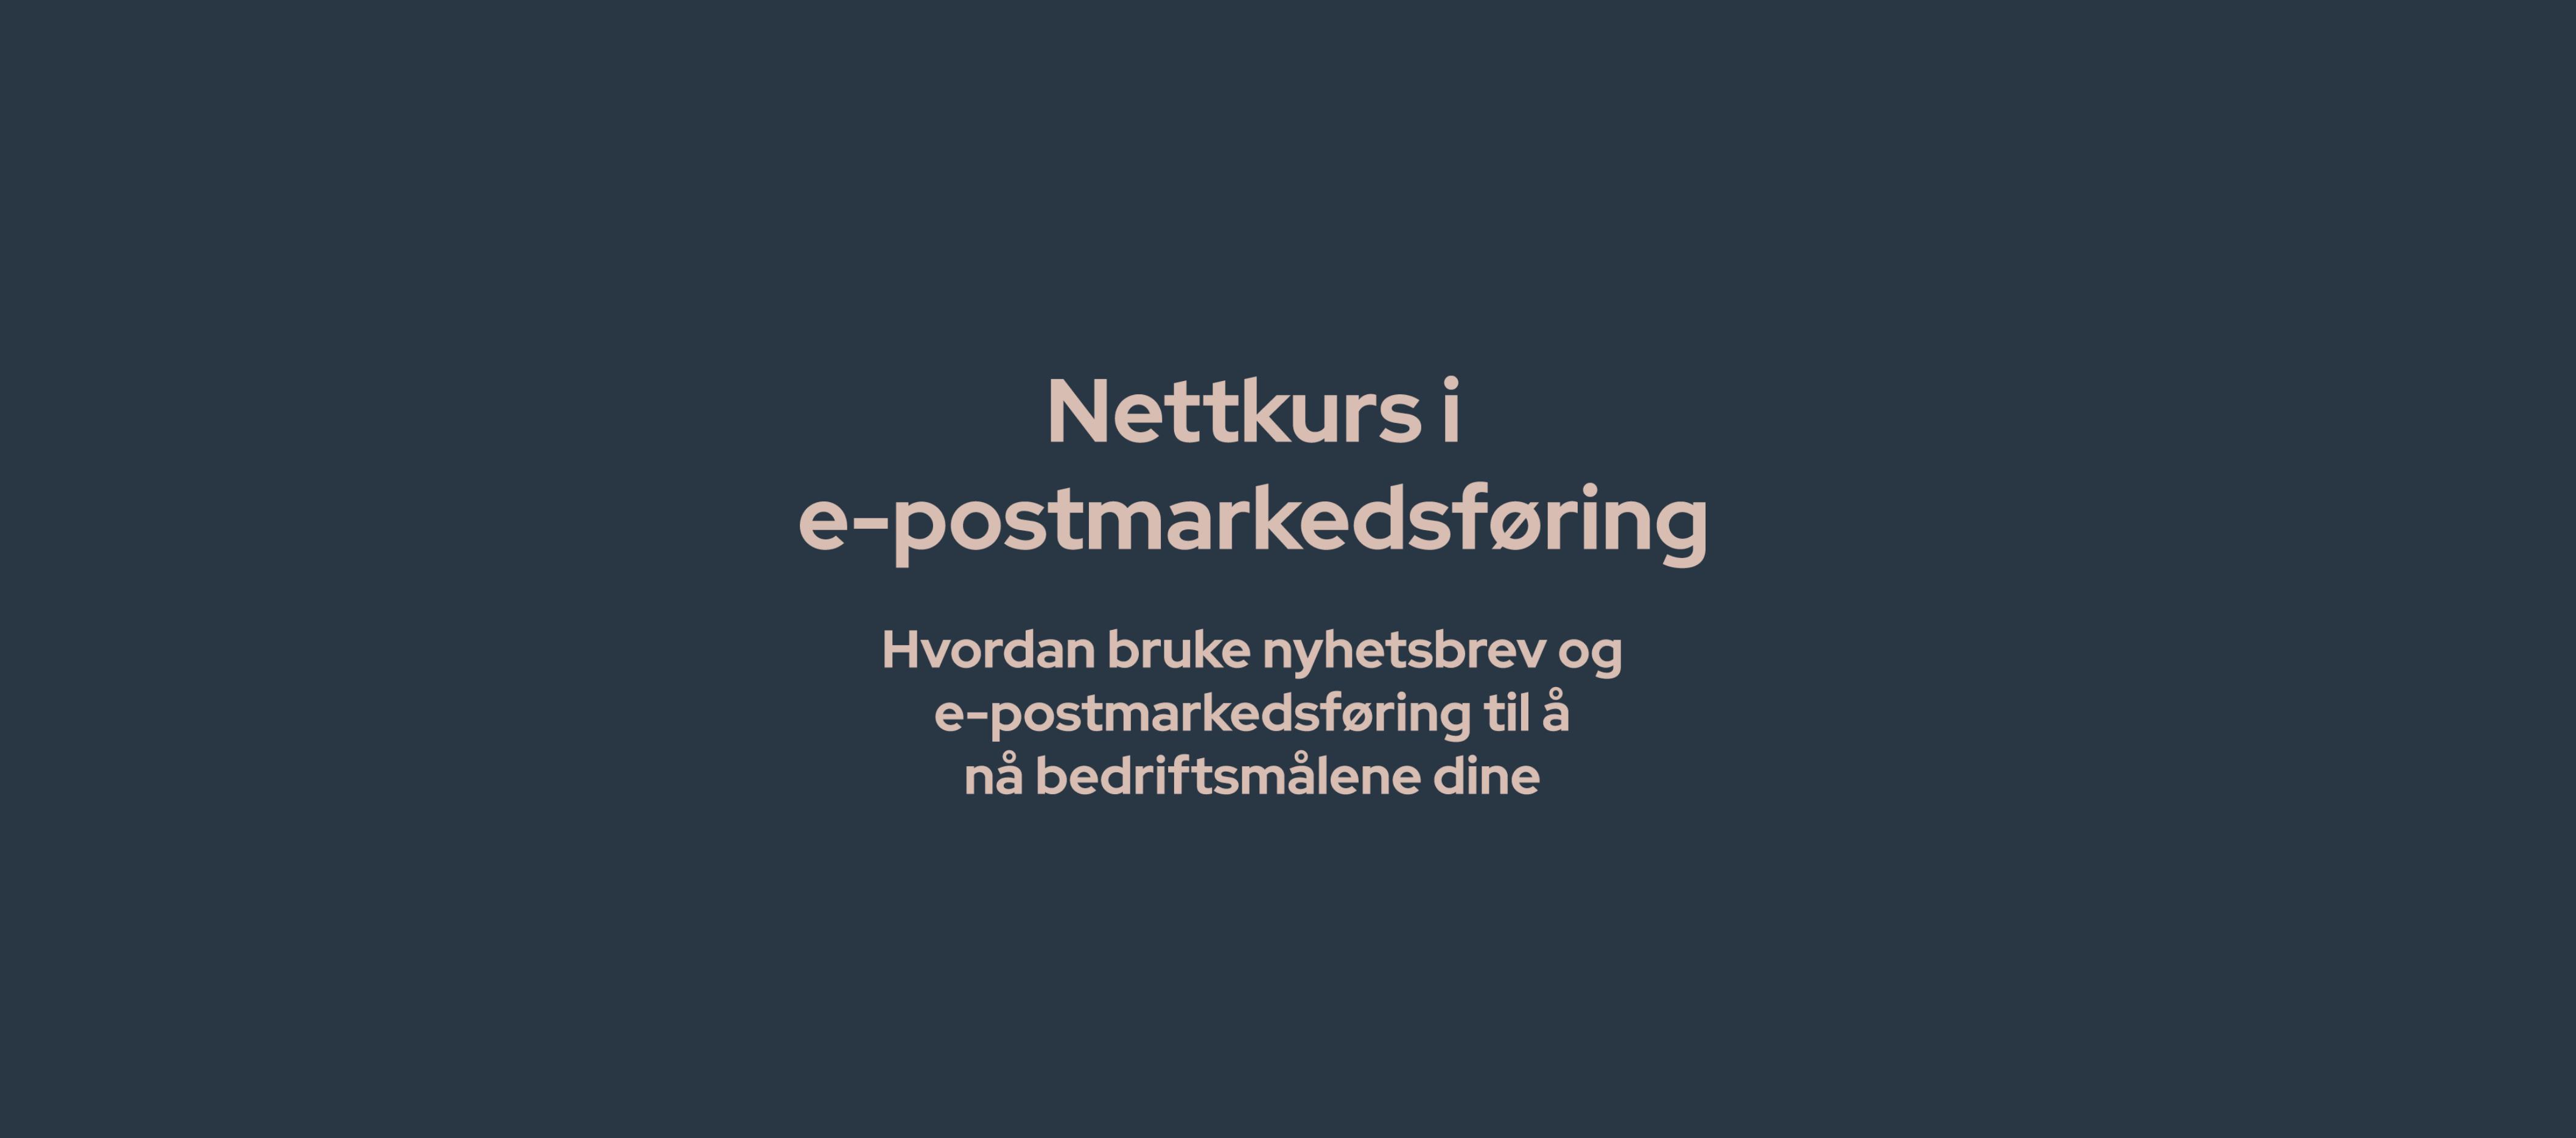 nettkurs e-postmarkedsføring haus byrå